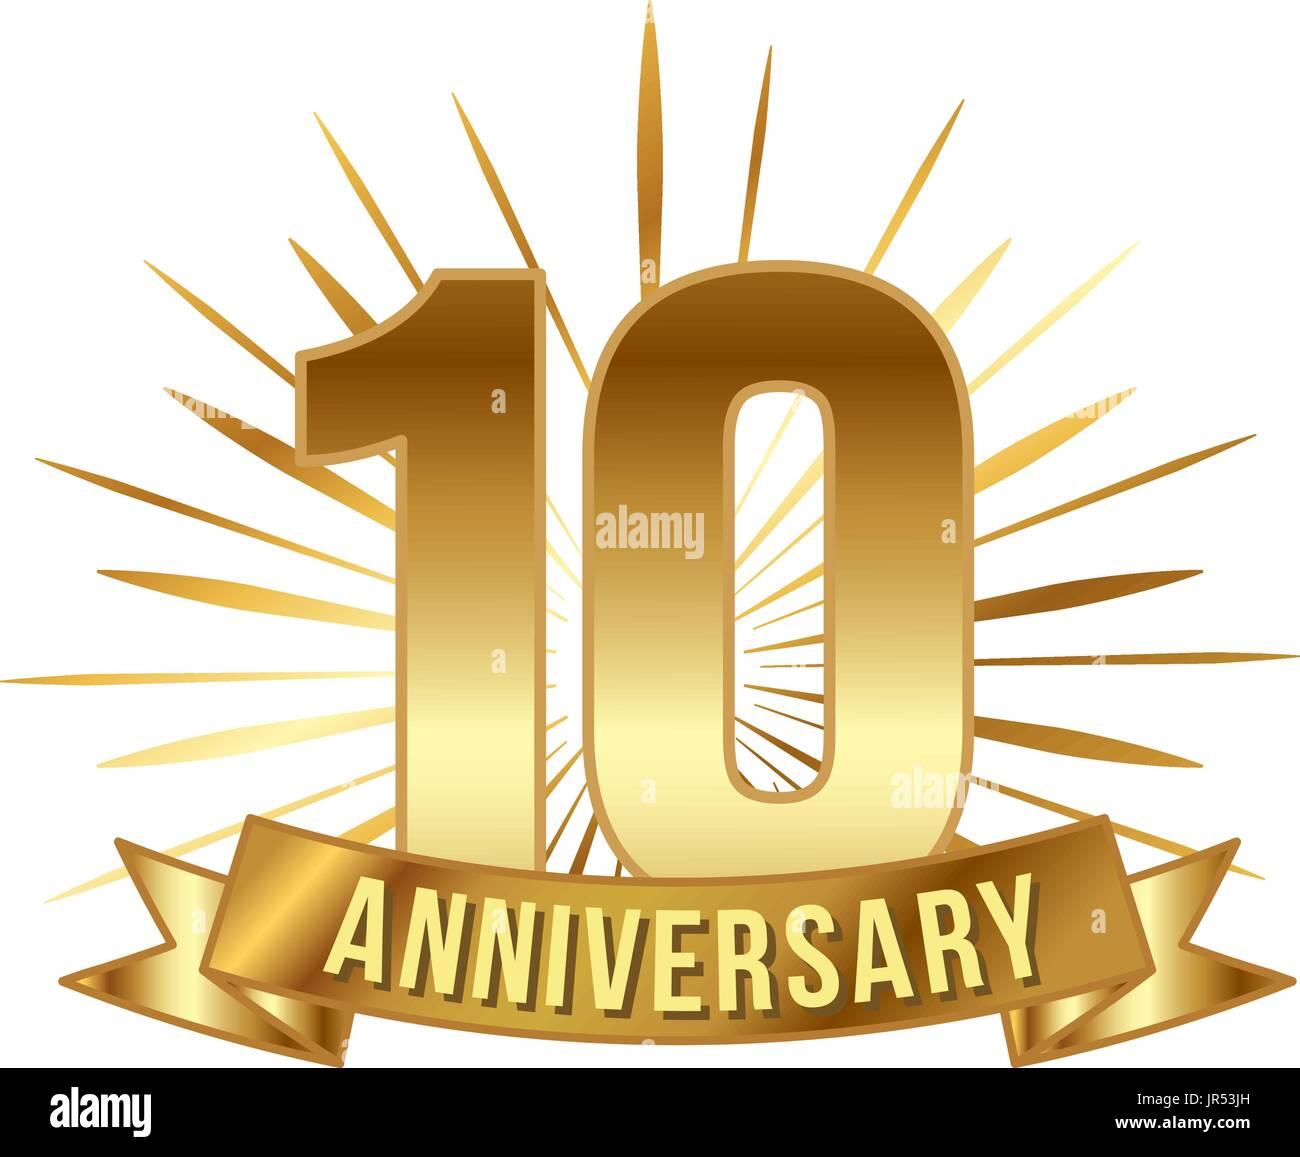 Ten Symbol Years Anniversary Logo Stock Photos Ten Symbol Years